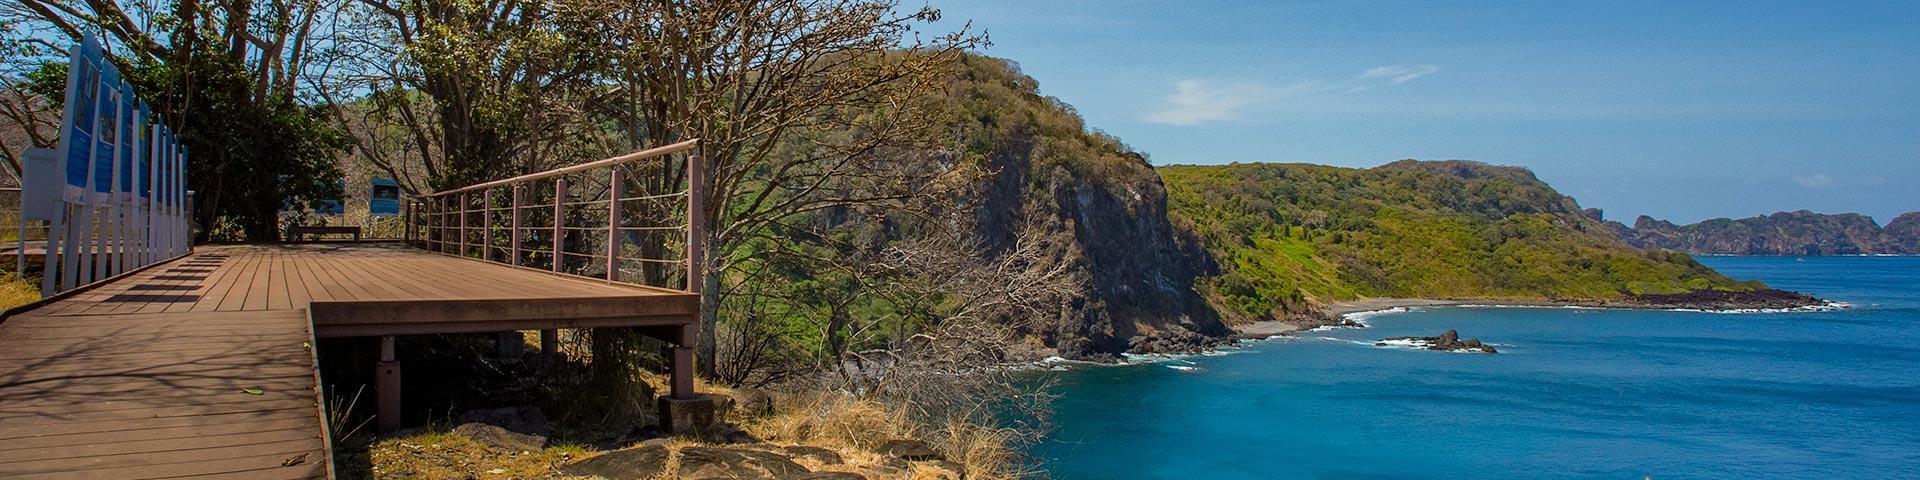 Mirante-dos-golfinhos-Bonitour-Passeios-em-Fernando-Noronha-697069_6235.jpg